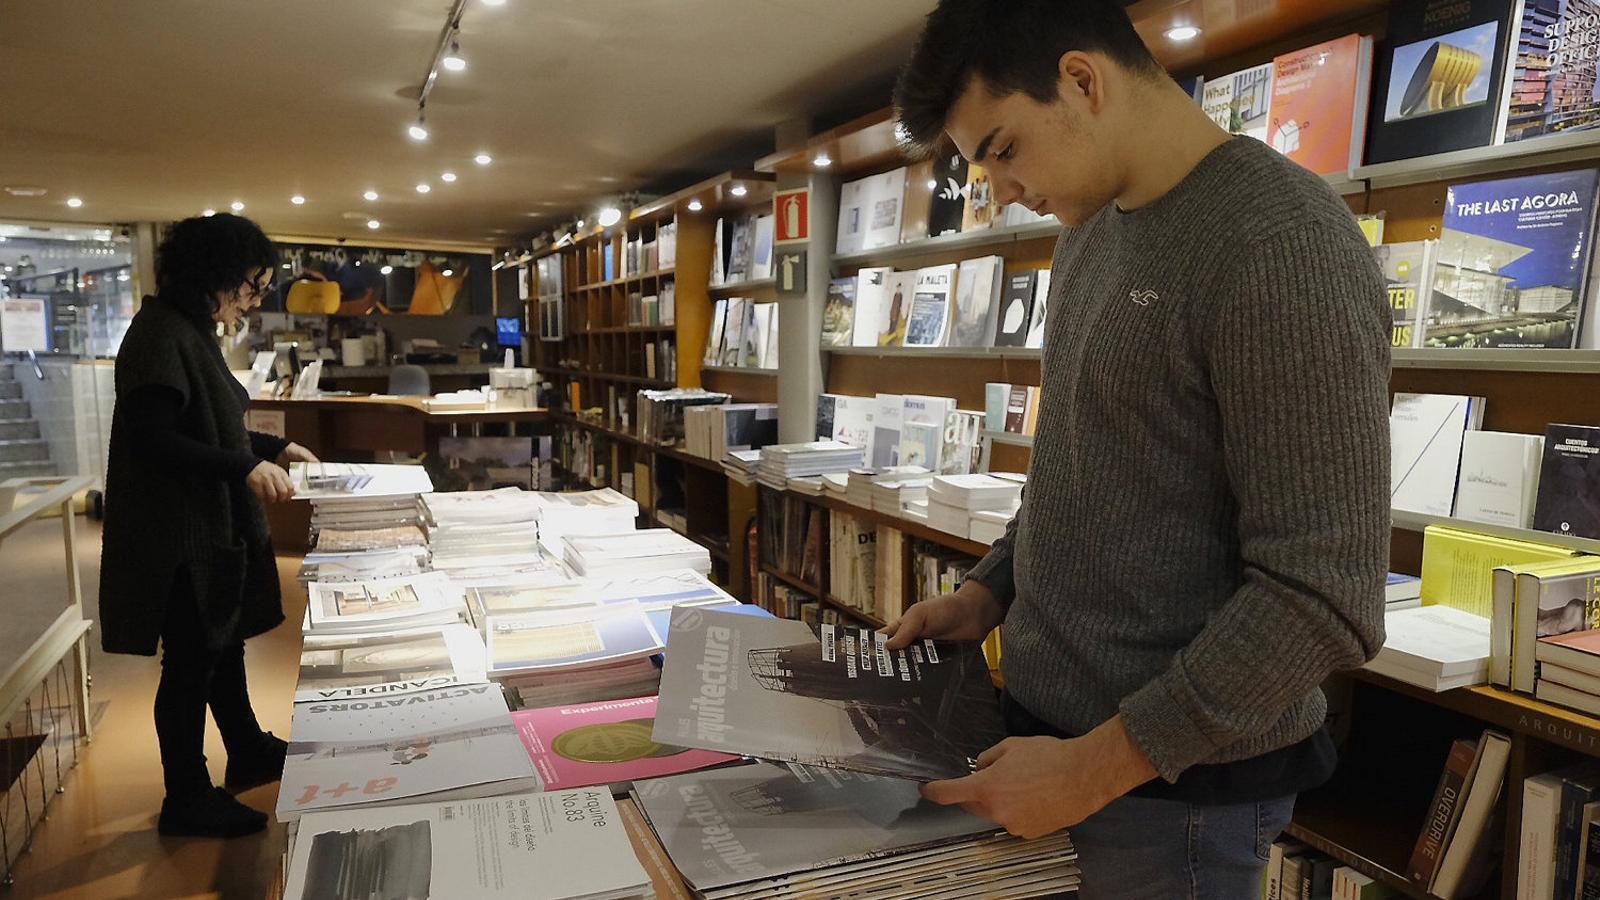 Les revistes muten en llibres per sobreviure a la web